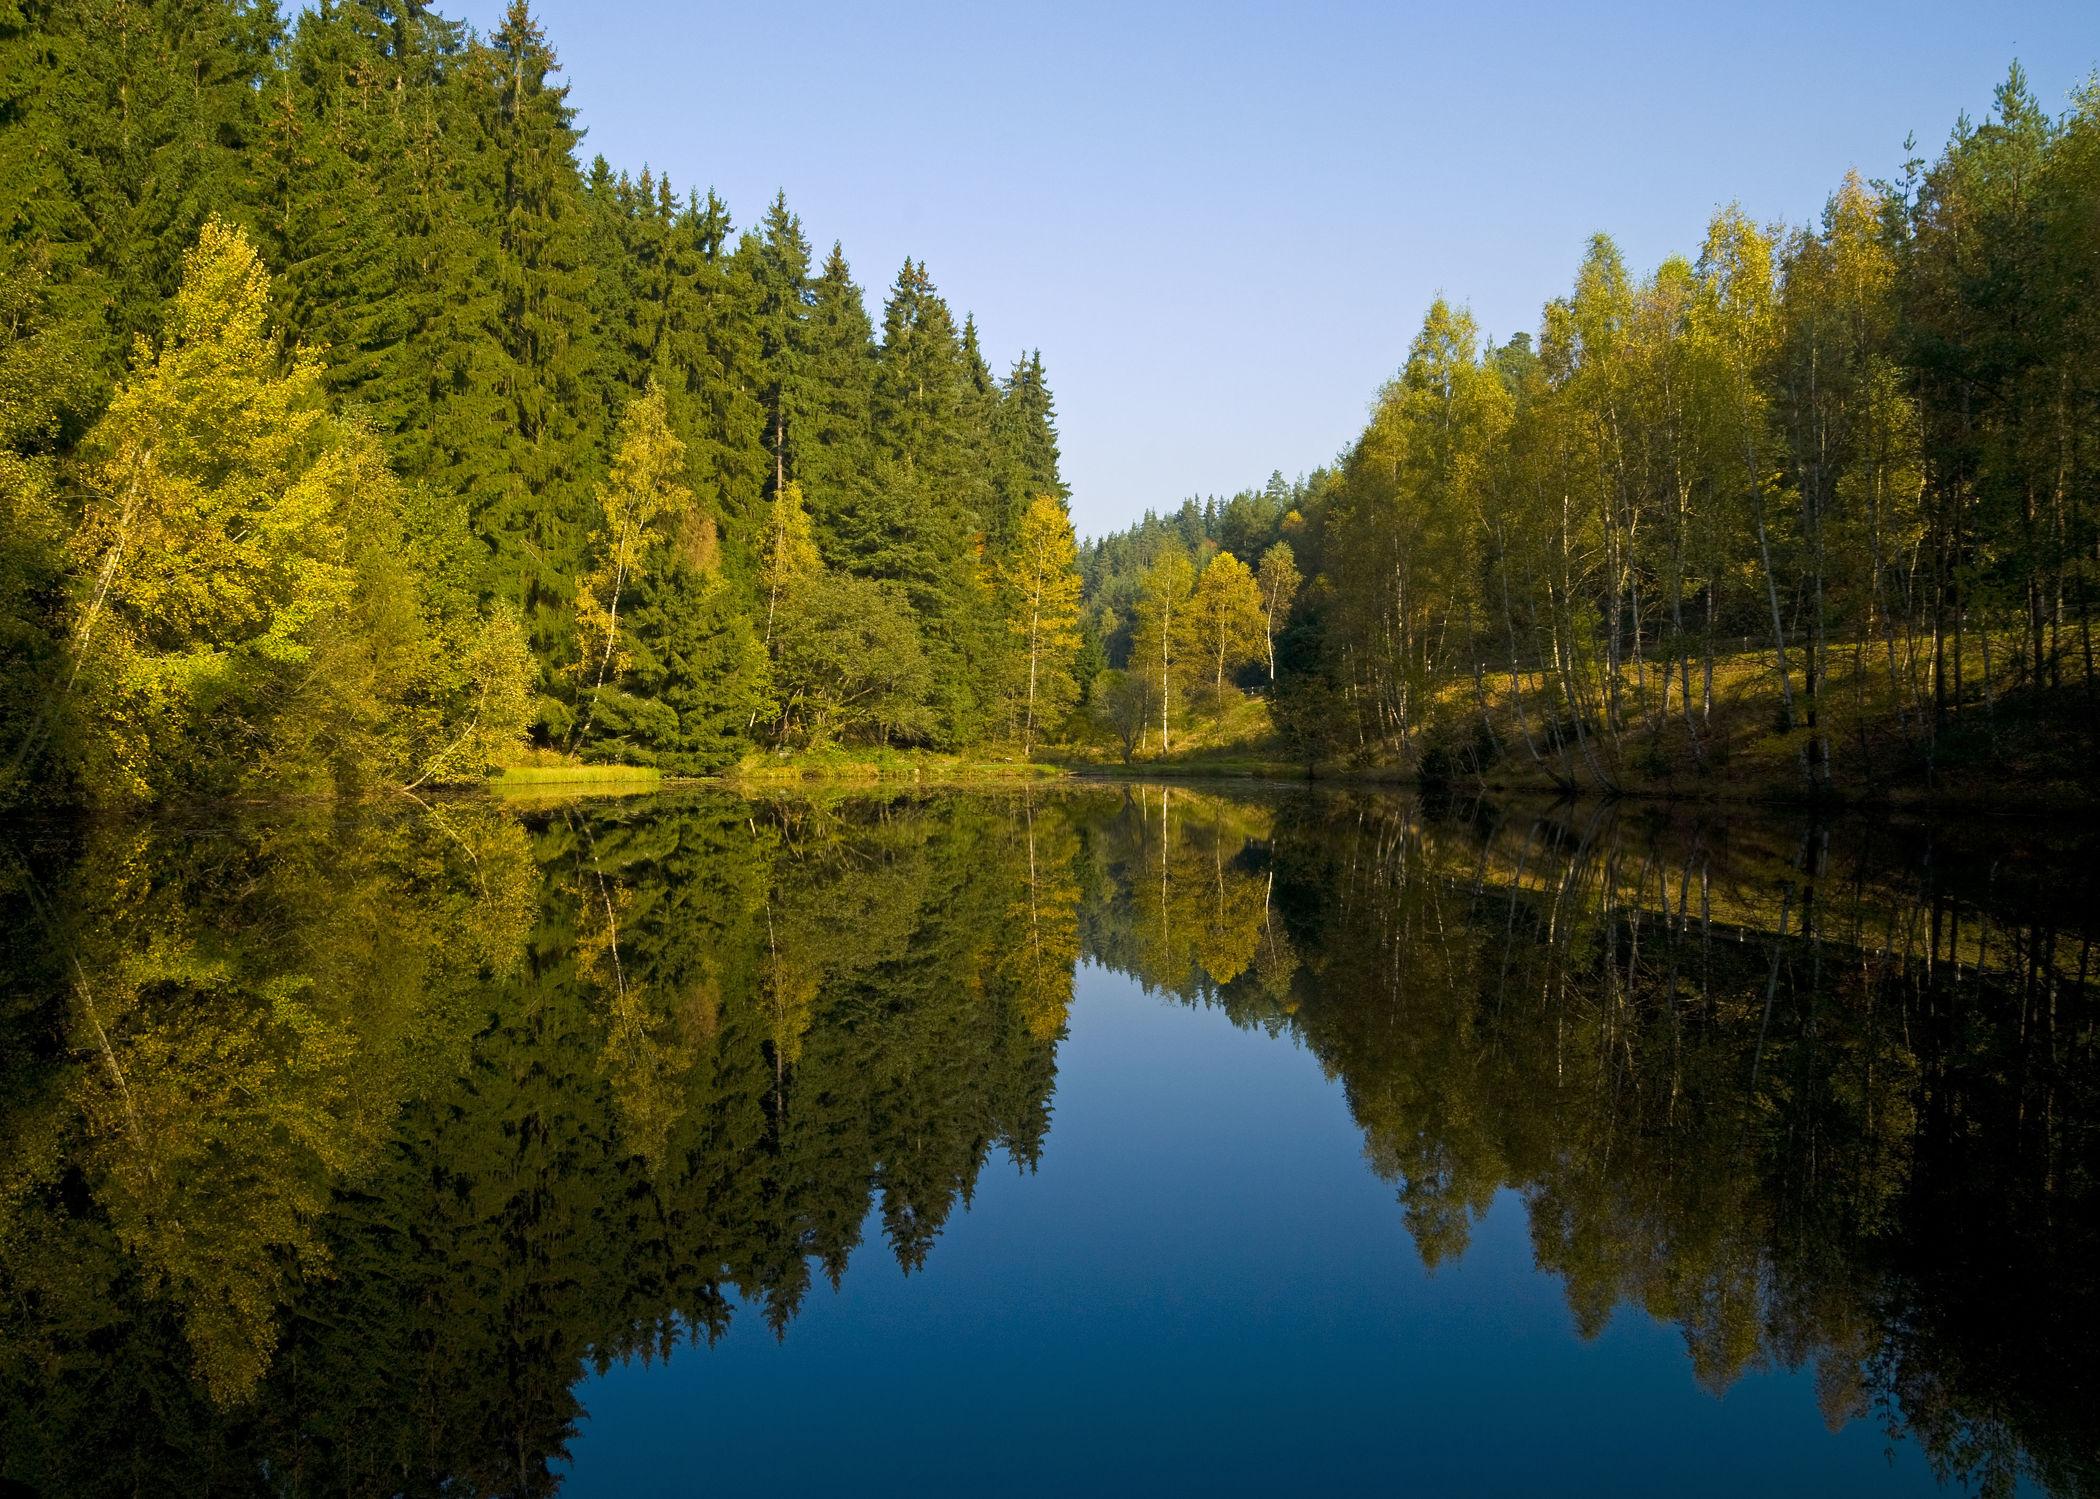 Bild mit Natur, Wasser, Landschaften, Gewässer, Wälder, Seen, Sonne, Wald, Landschaft, See, Seelandschaft, Spiegelung